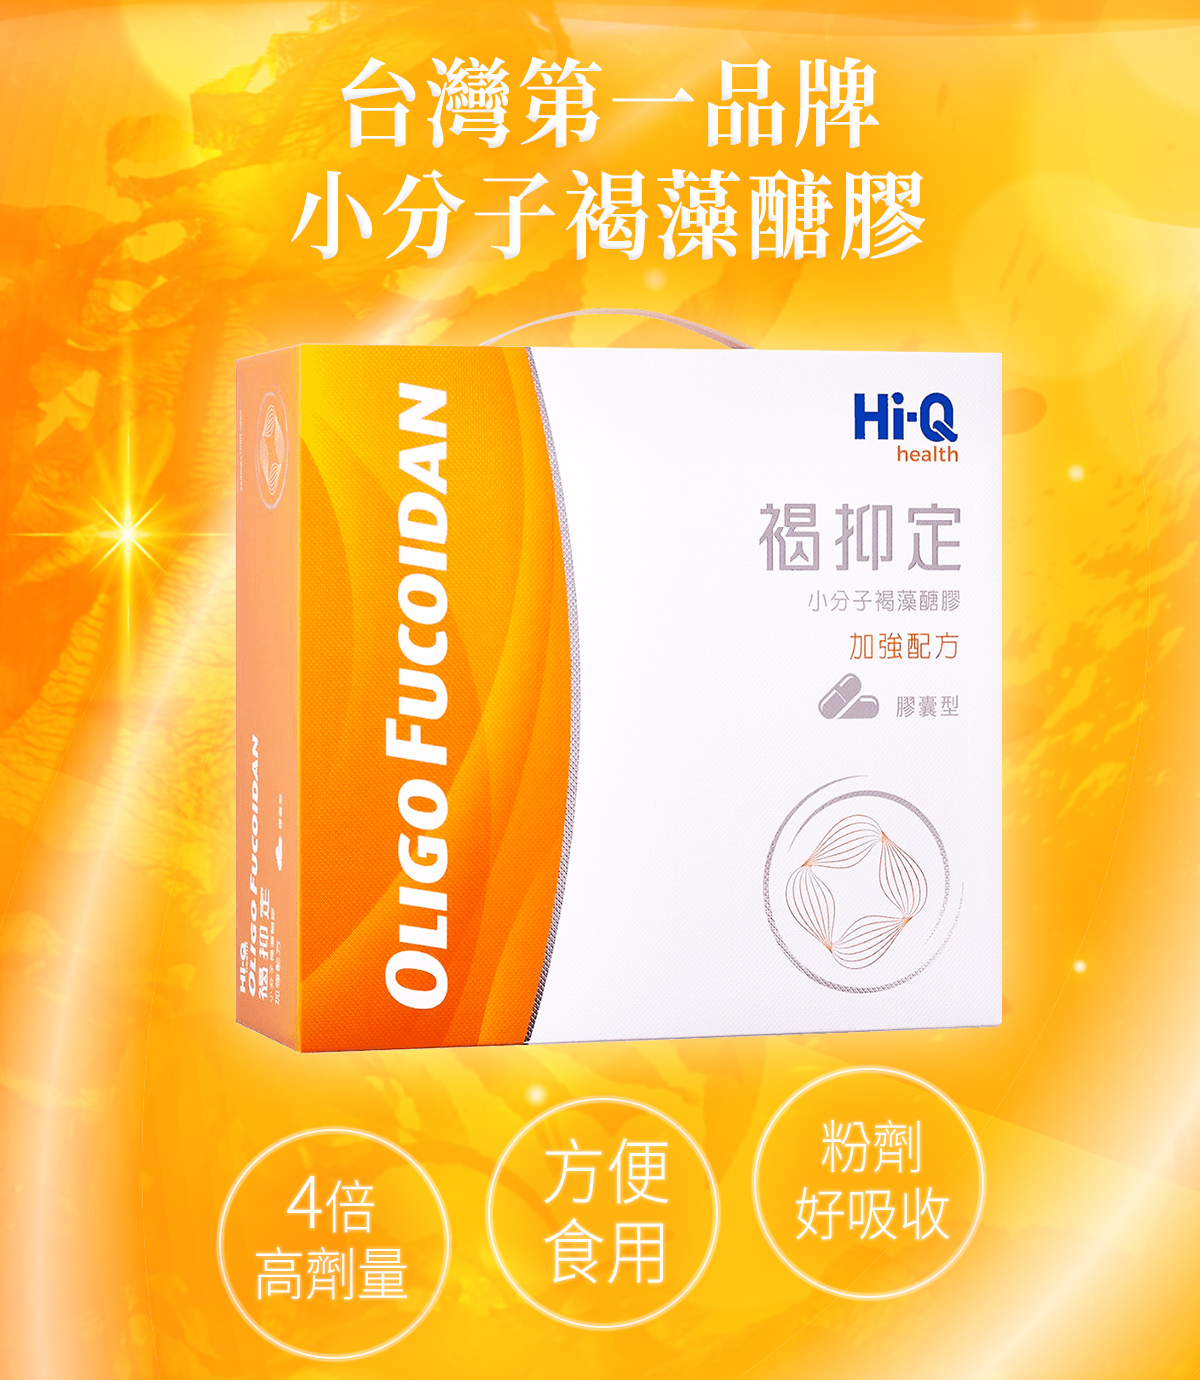 台灣第一品牌 小分子褐藻醣膠